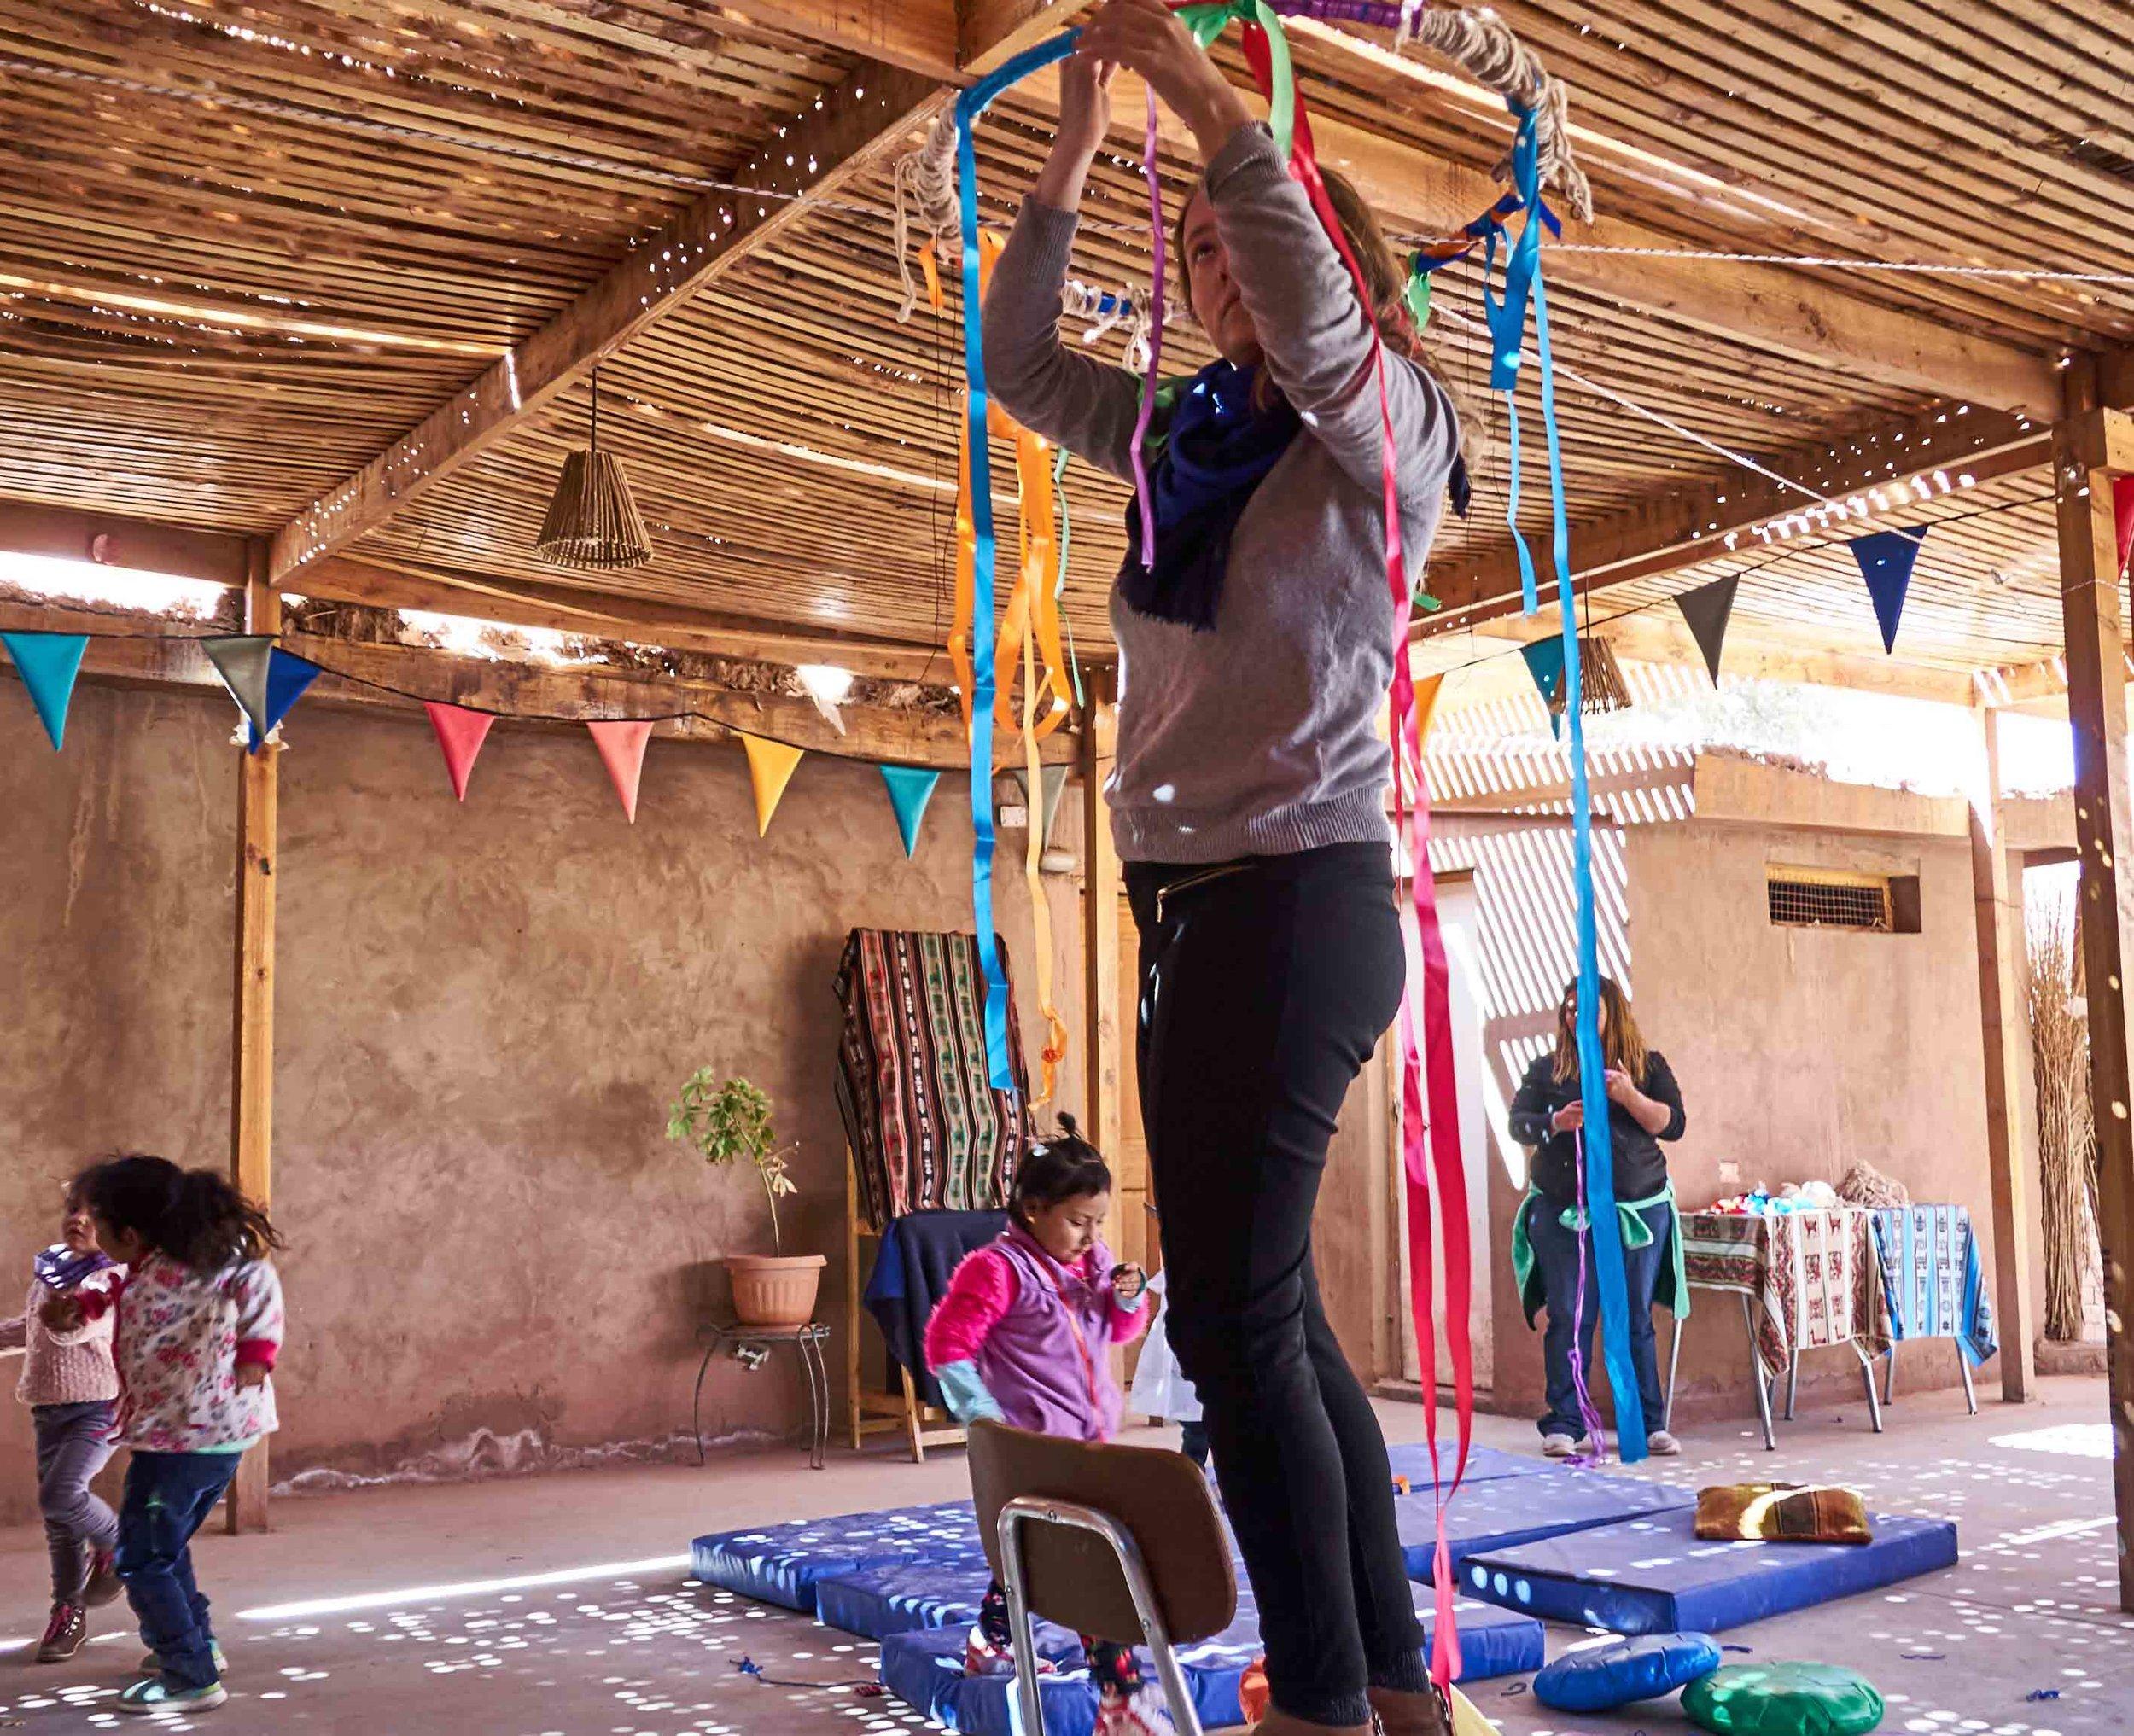 Instalación sonora y sensorial San Pedro de Atacama